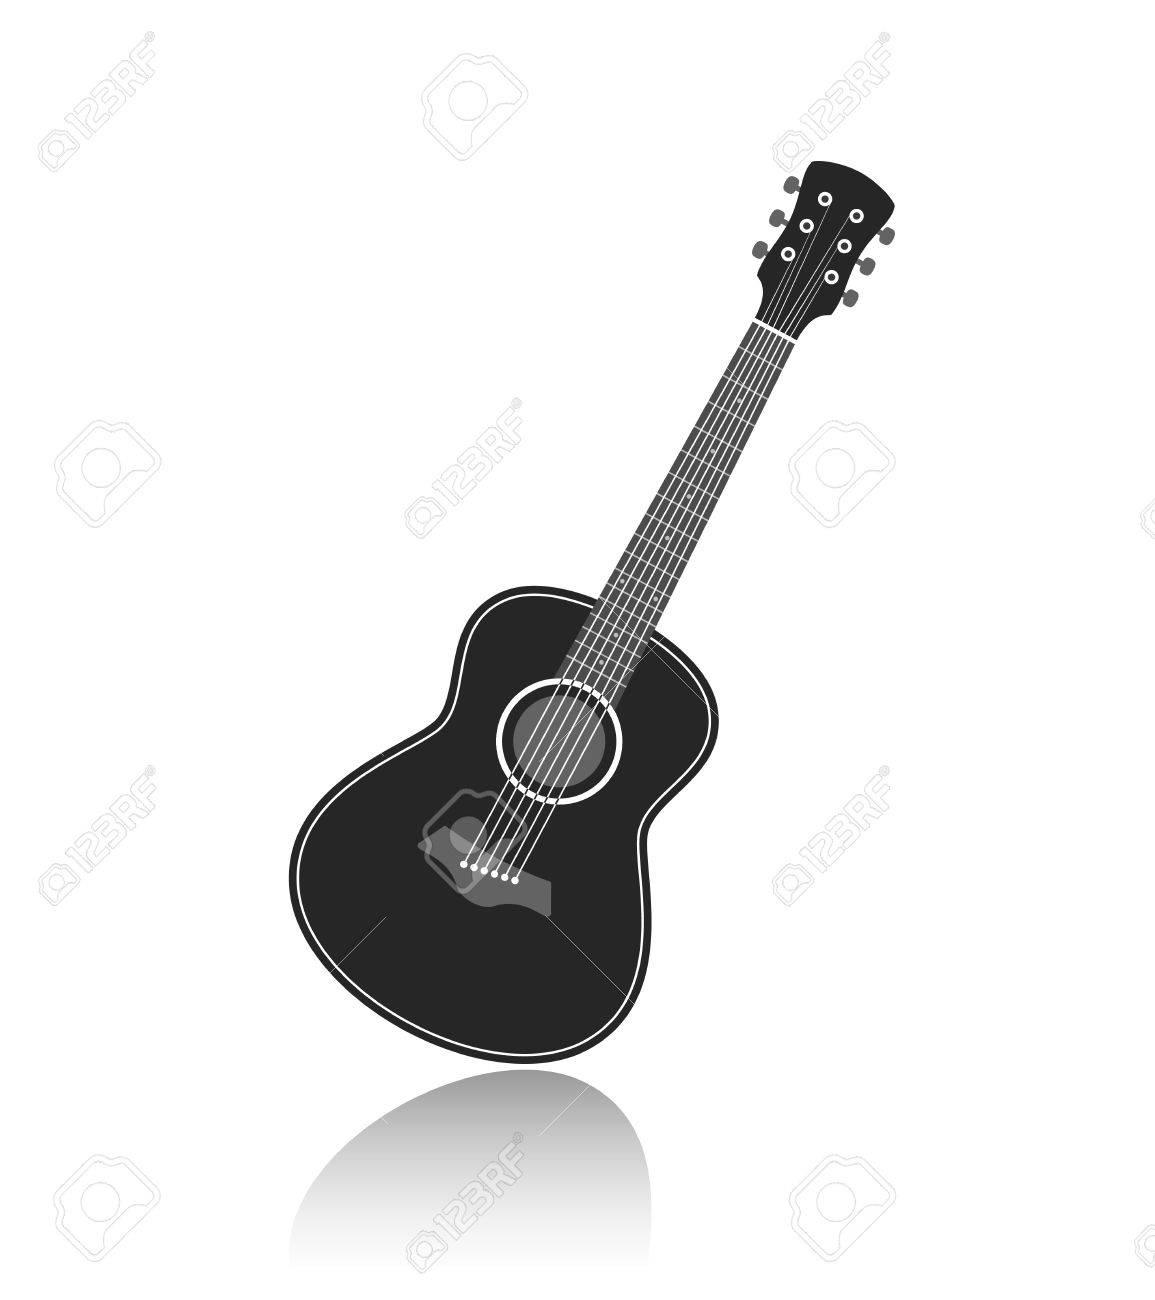 アコースティック ギター シンボル モノクロ ベクトル イラストの